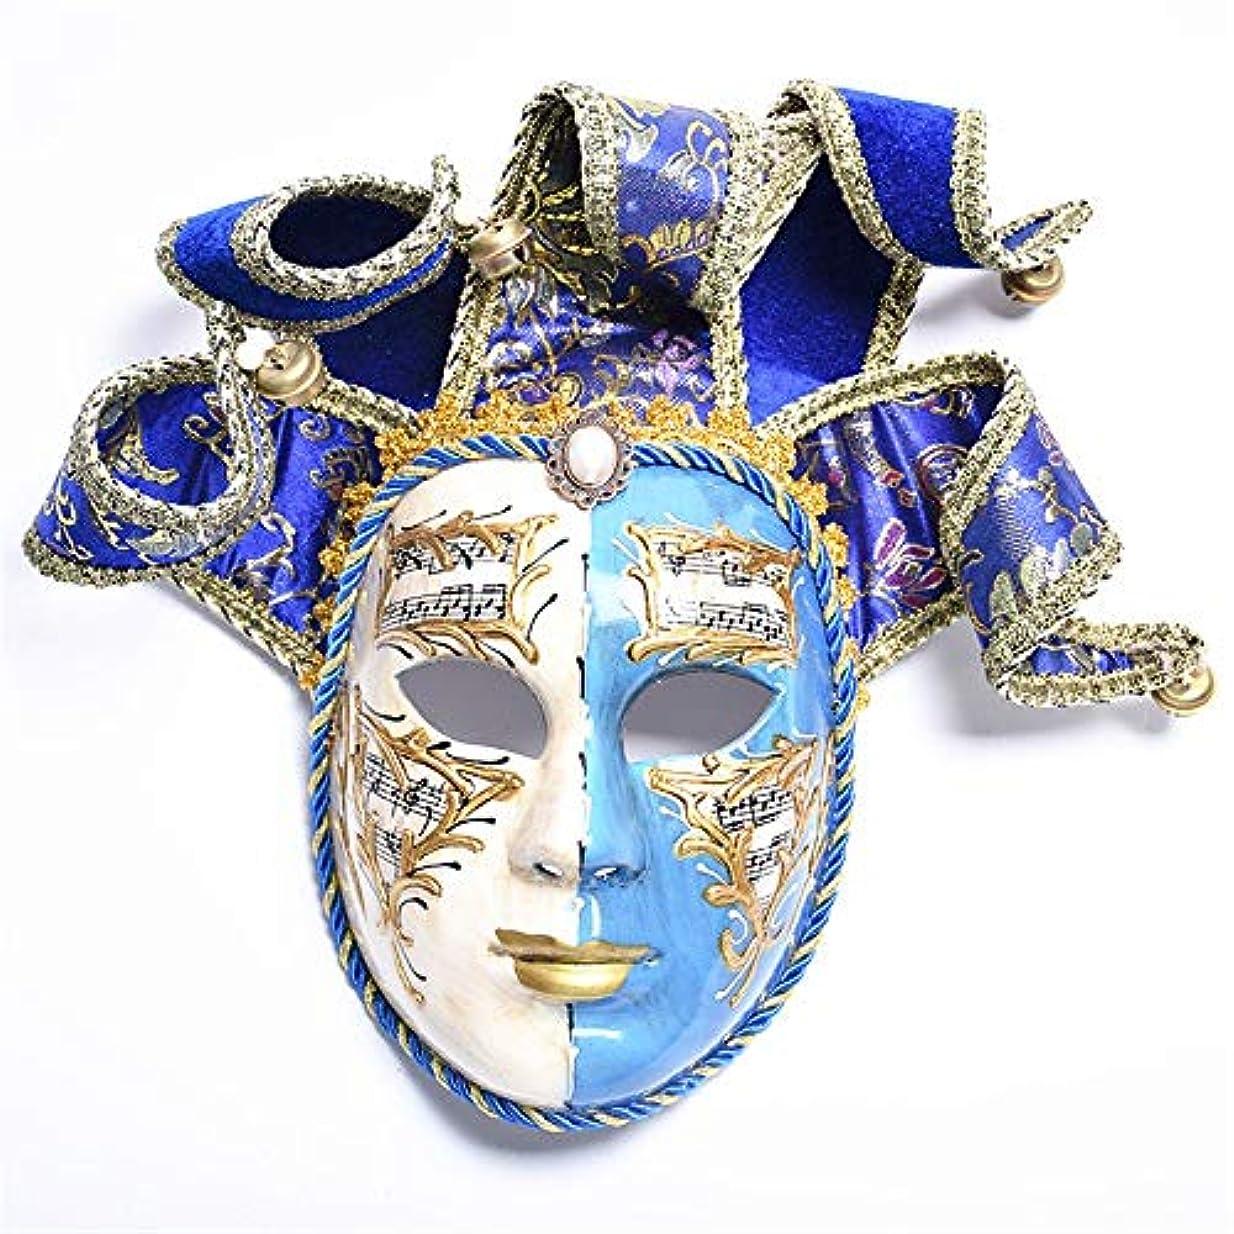 読書をする注ぎますインセンティブダンスマスク 青と白の2色フルフェイスマスクパーティーマスカレードマスクハロウィーンカーニバル祭コスプレナイトクラブパーティーマスク ホリデーパーティー用品 (色 : 青, サイズ : 33x31cm)